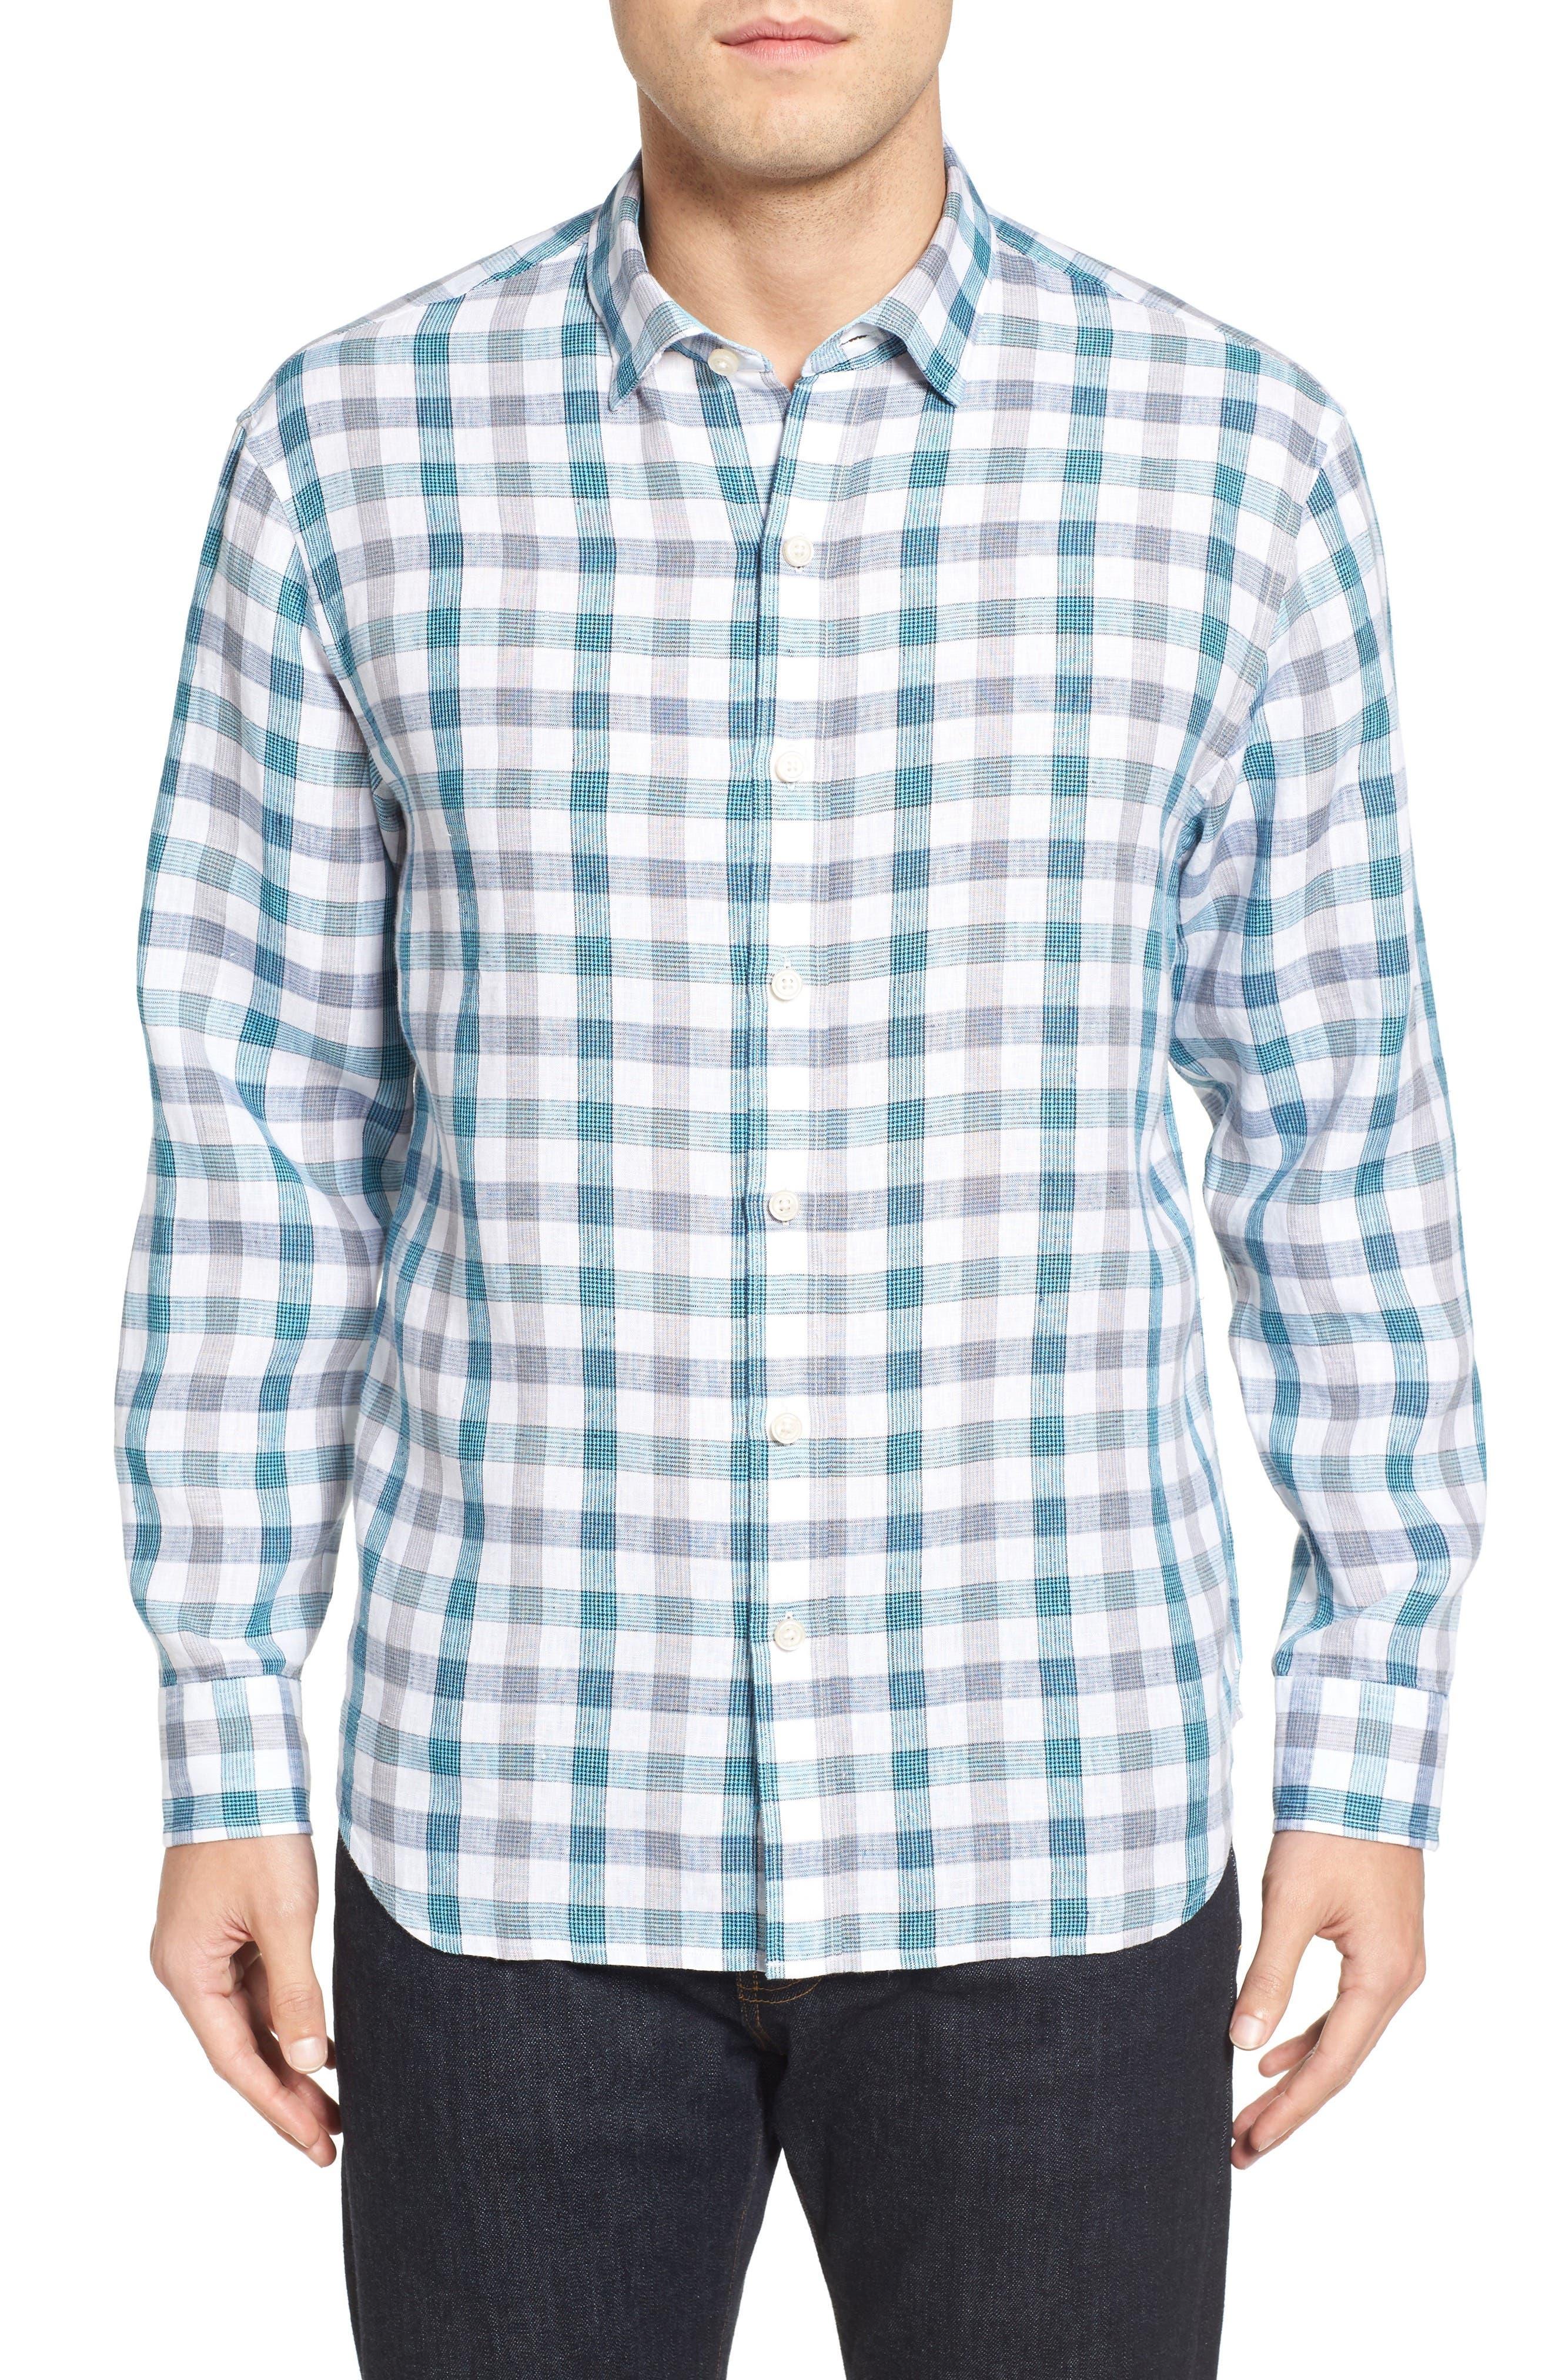 Thira Check Linen Sport Shirt,                             Main thumbnail 1, color,